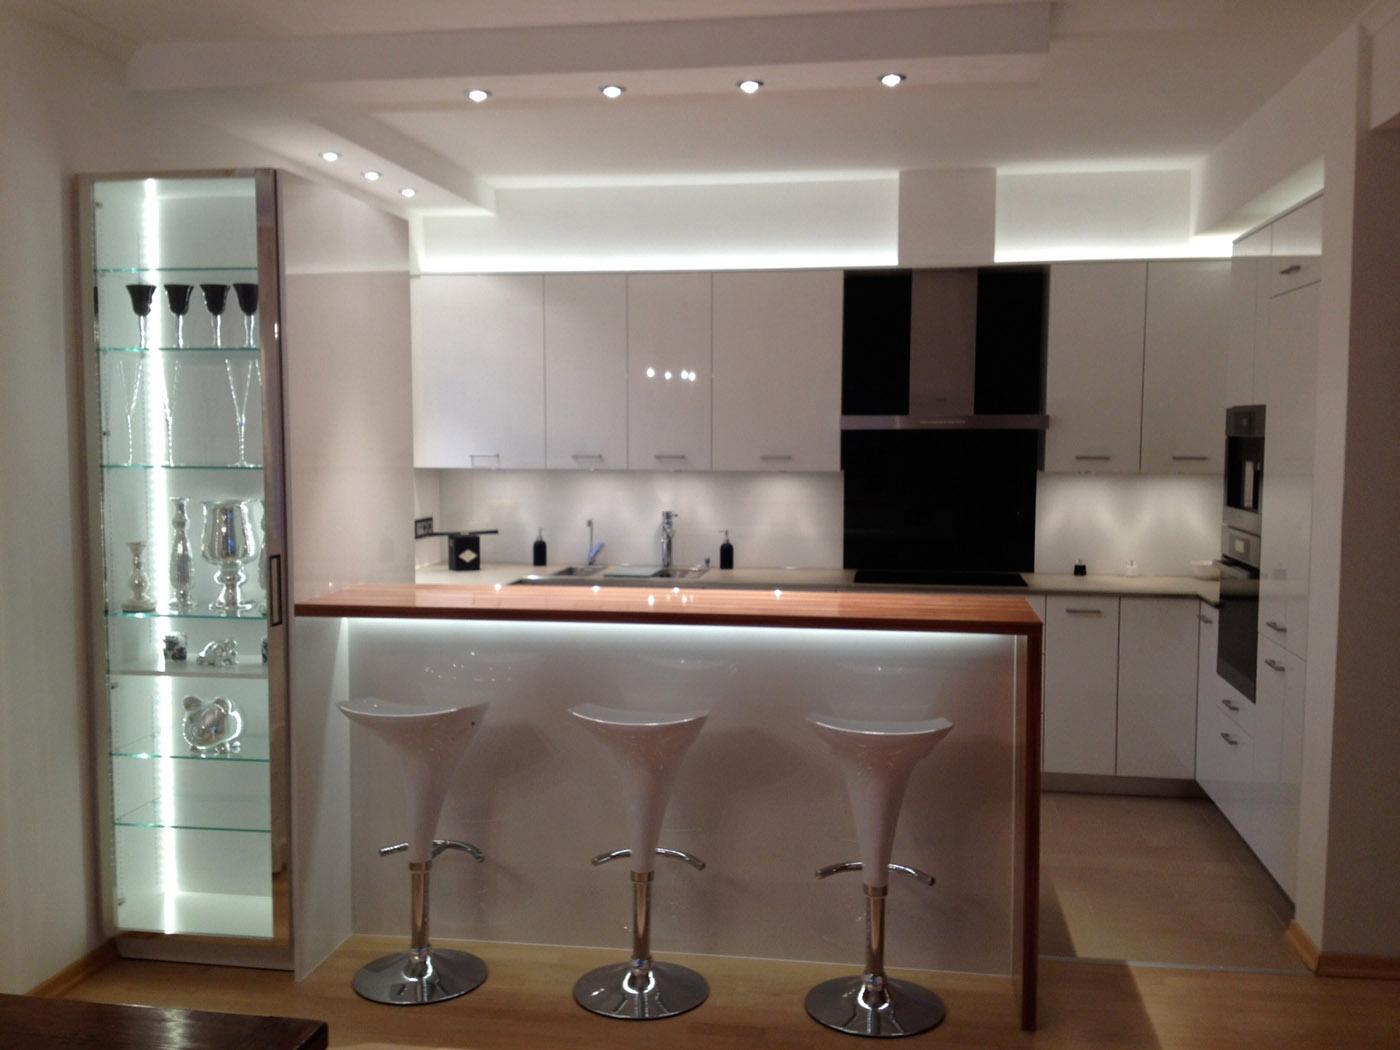 Home - Maria Reeb | Küchen & Design